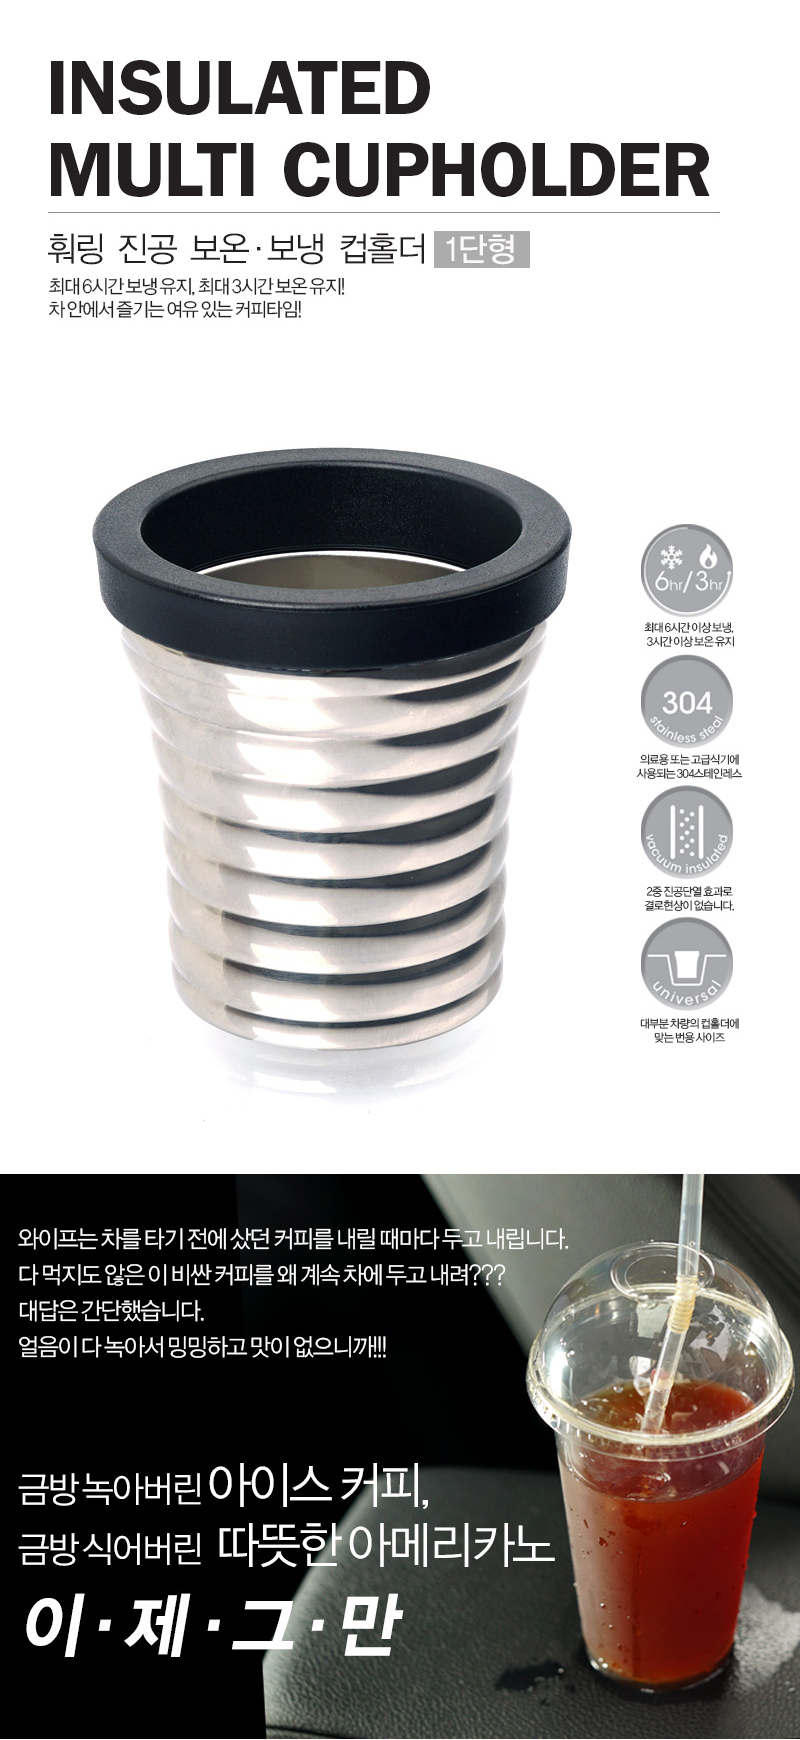 스테인레스 진공 보온 보냉  차량용 컵홀더 1단형 - 훠링, 25,000원, 차량용포켓/수납용품, 컵홀더